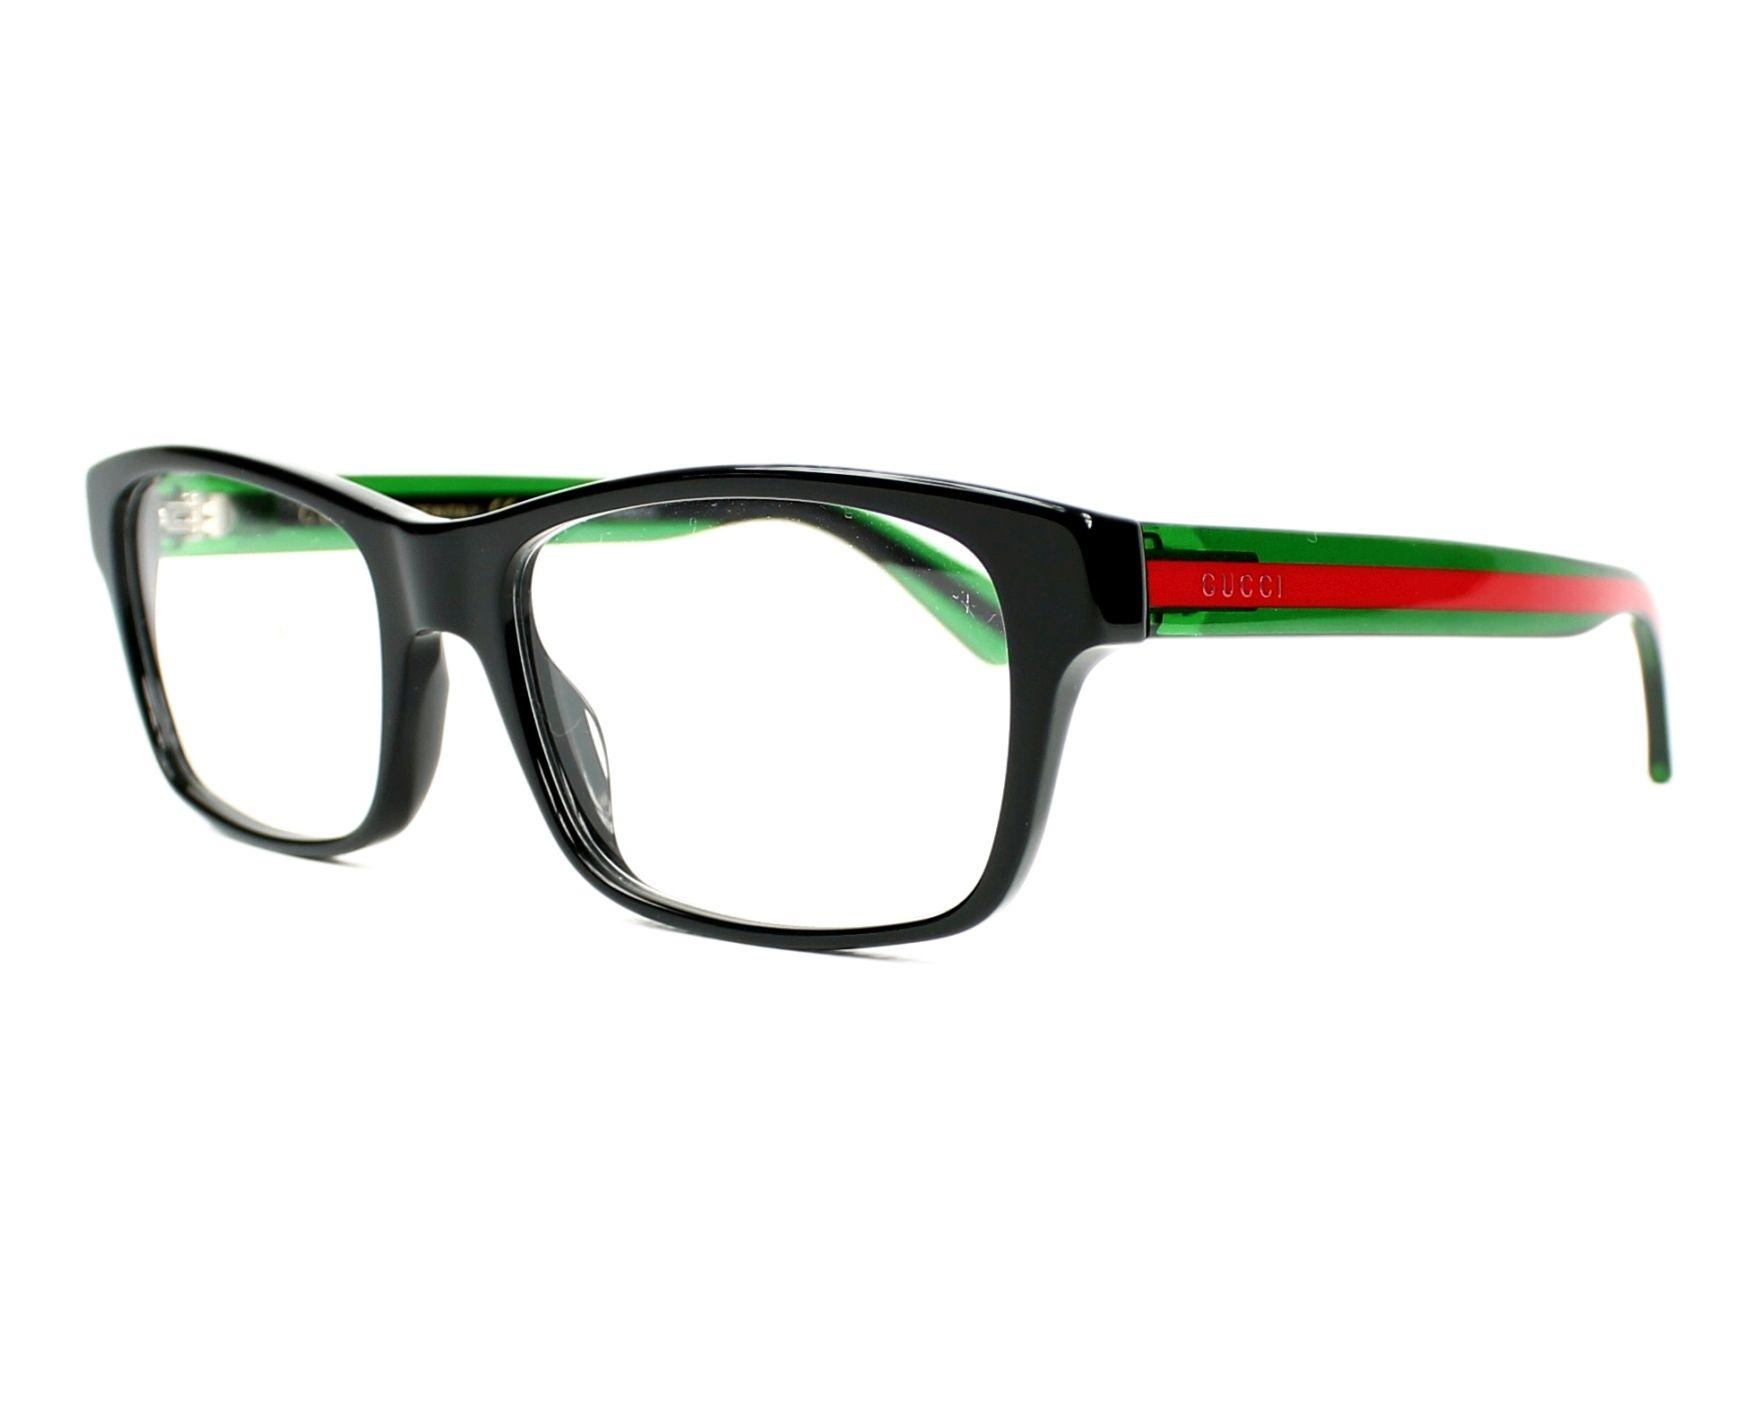 Gucci Eyeglasses Black GG-0006-O 006 - Visionet US